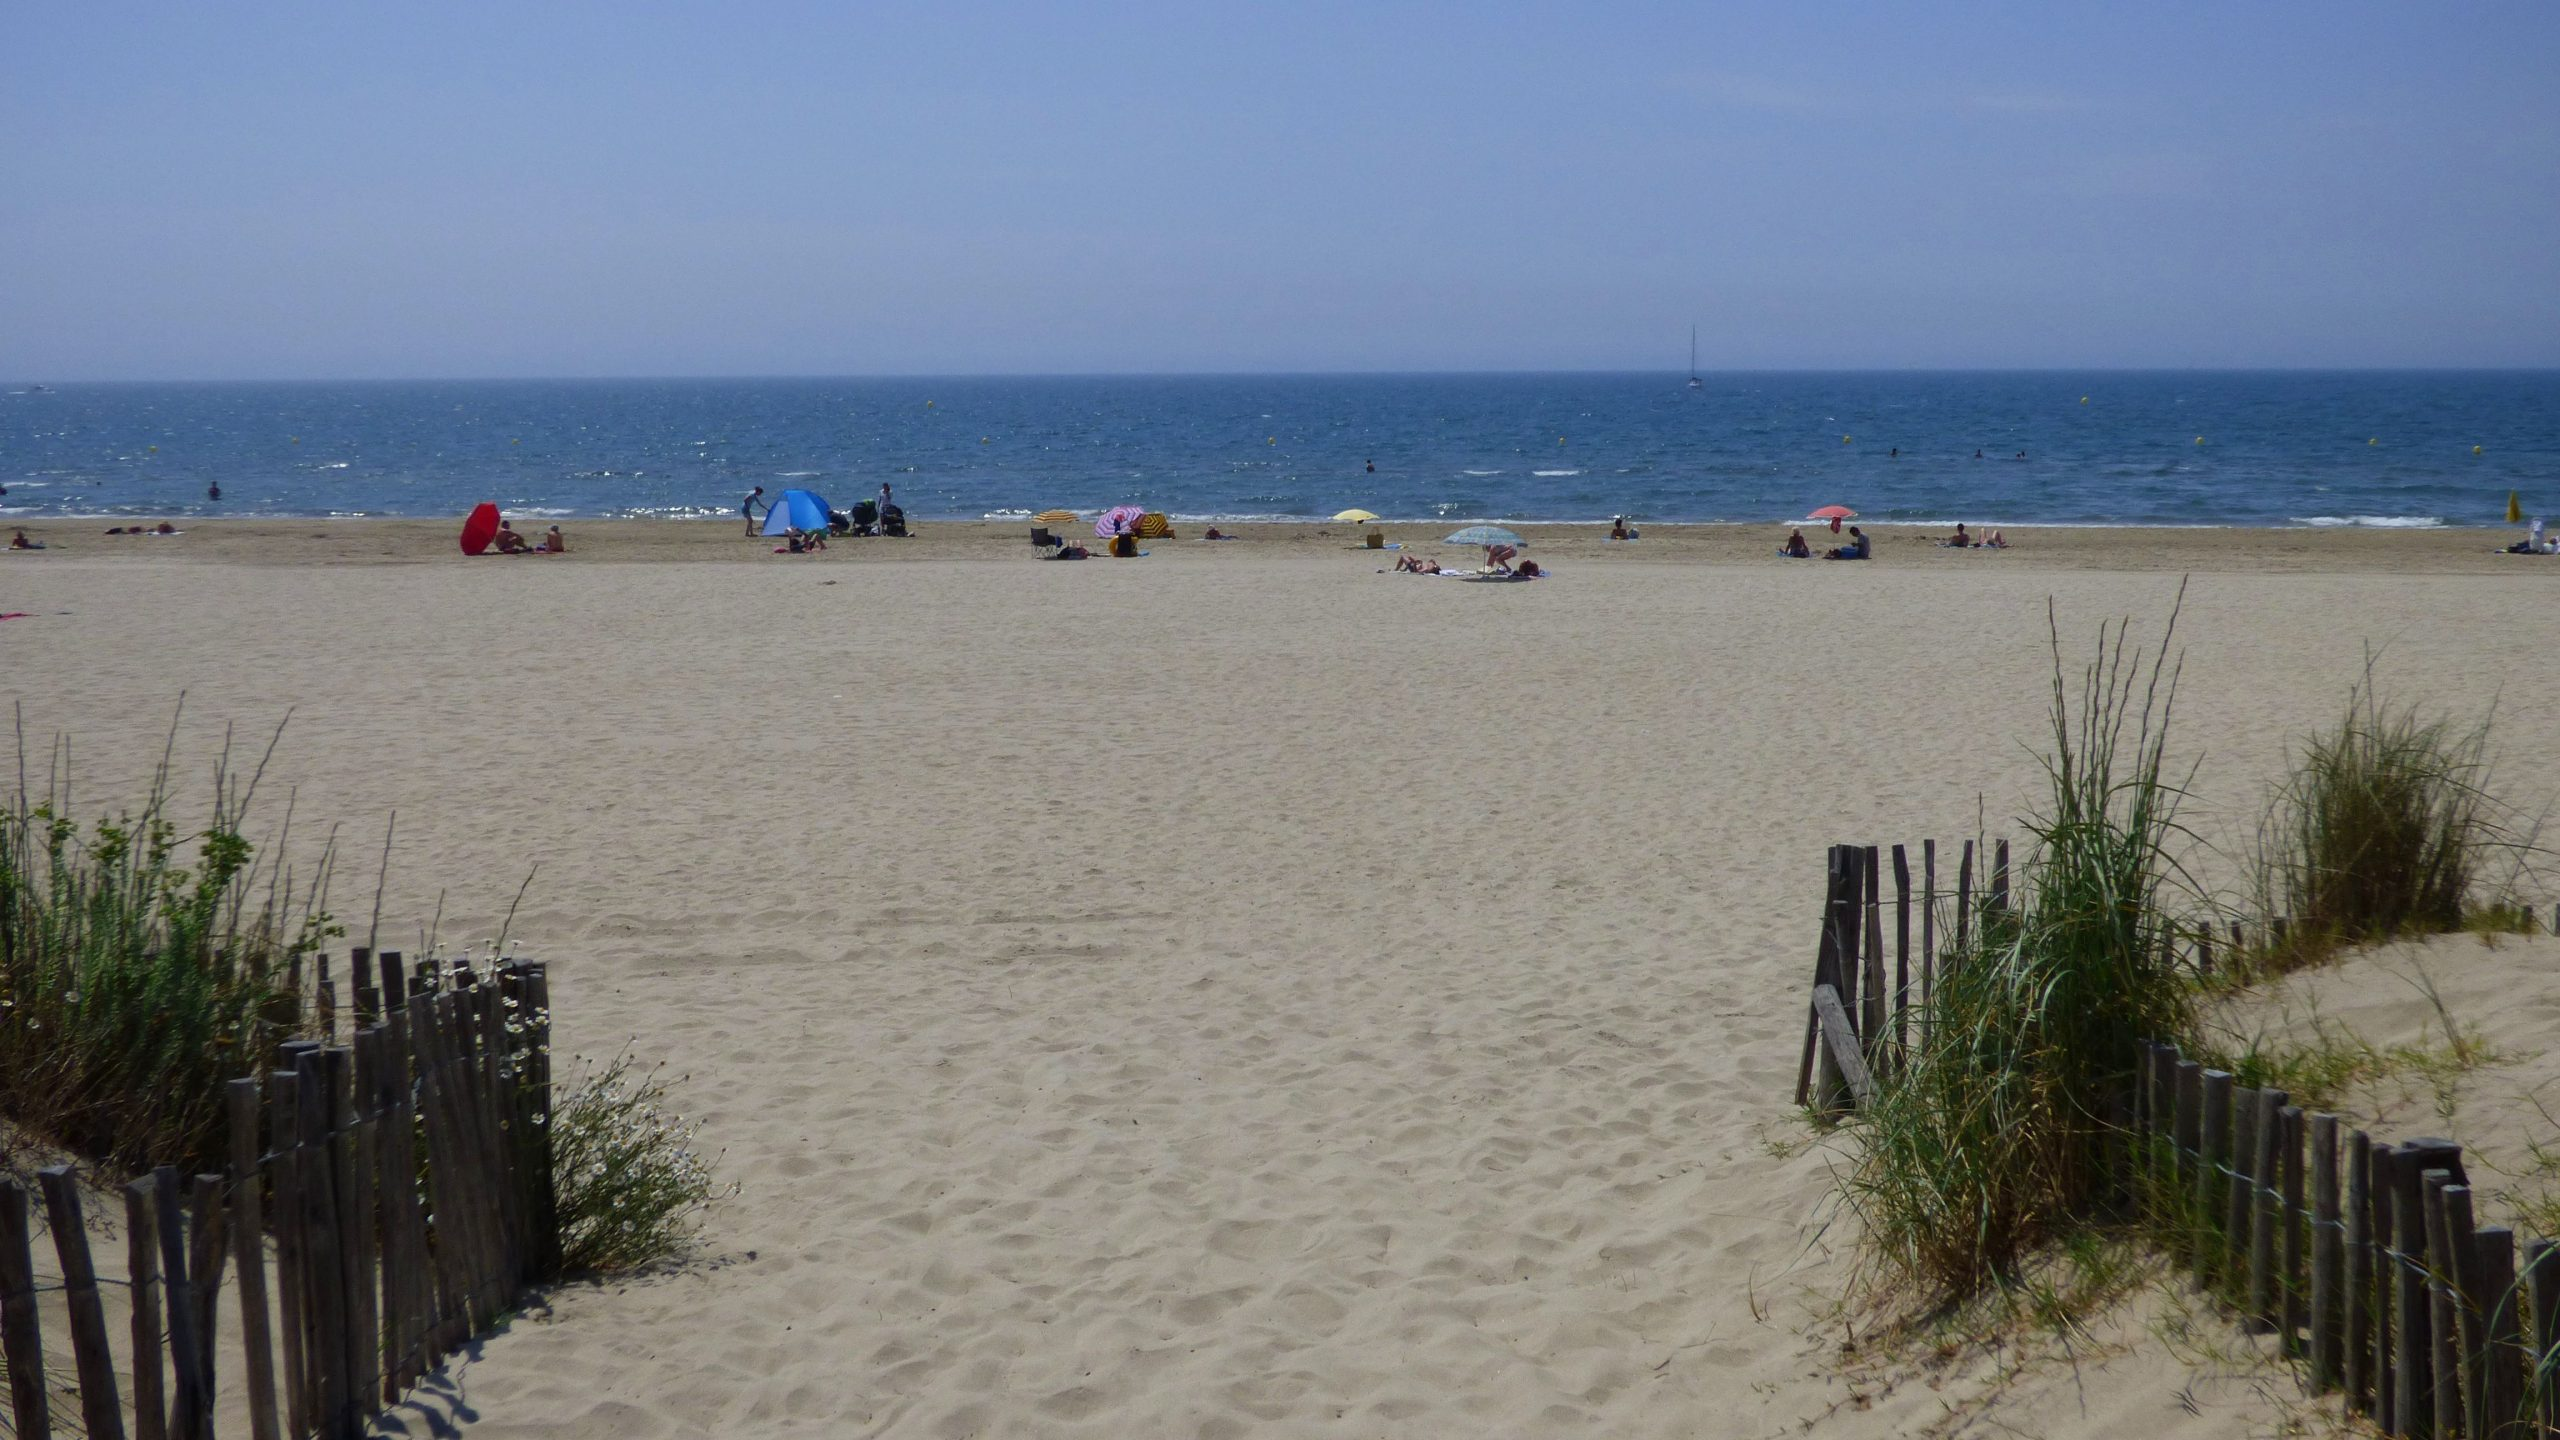 Plage de la Grande Motte, son sable fin